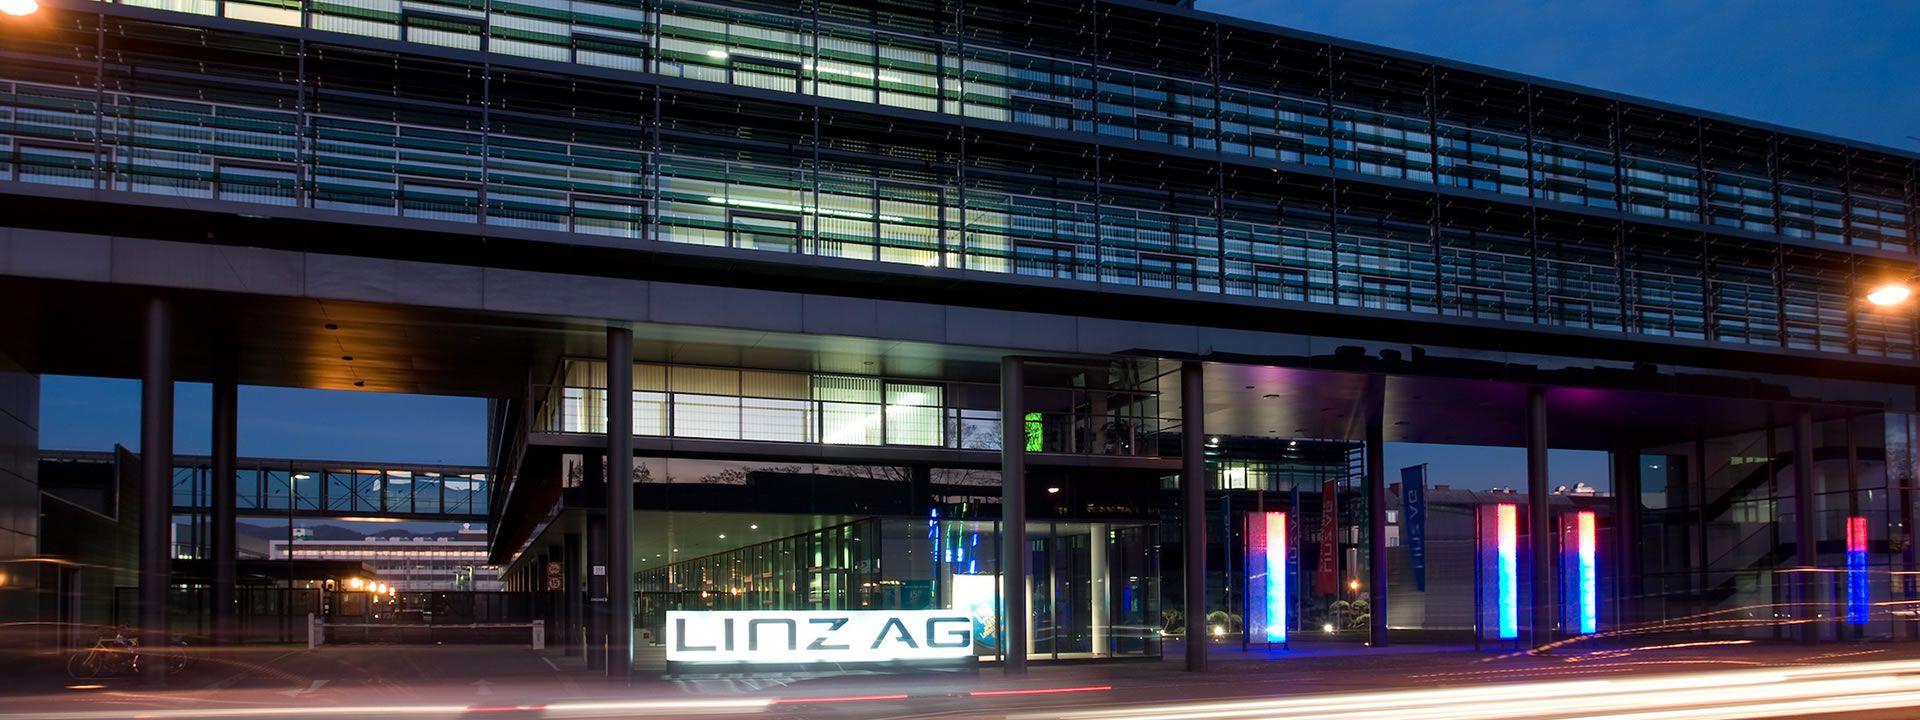 Gebäudefassade der LINZ AG TELEKOM Wiener Straße 151, Linz